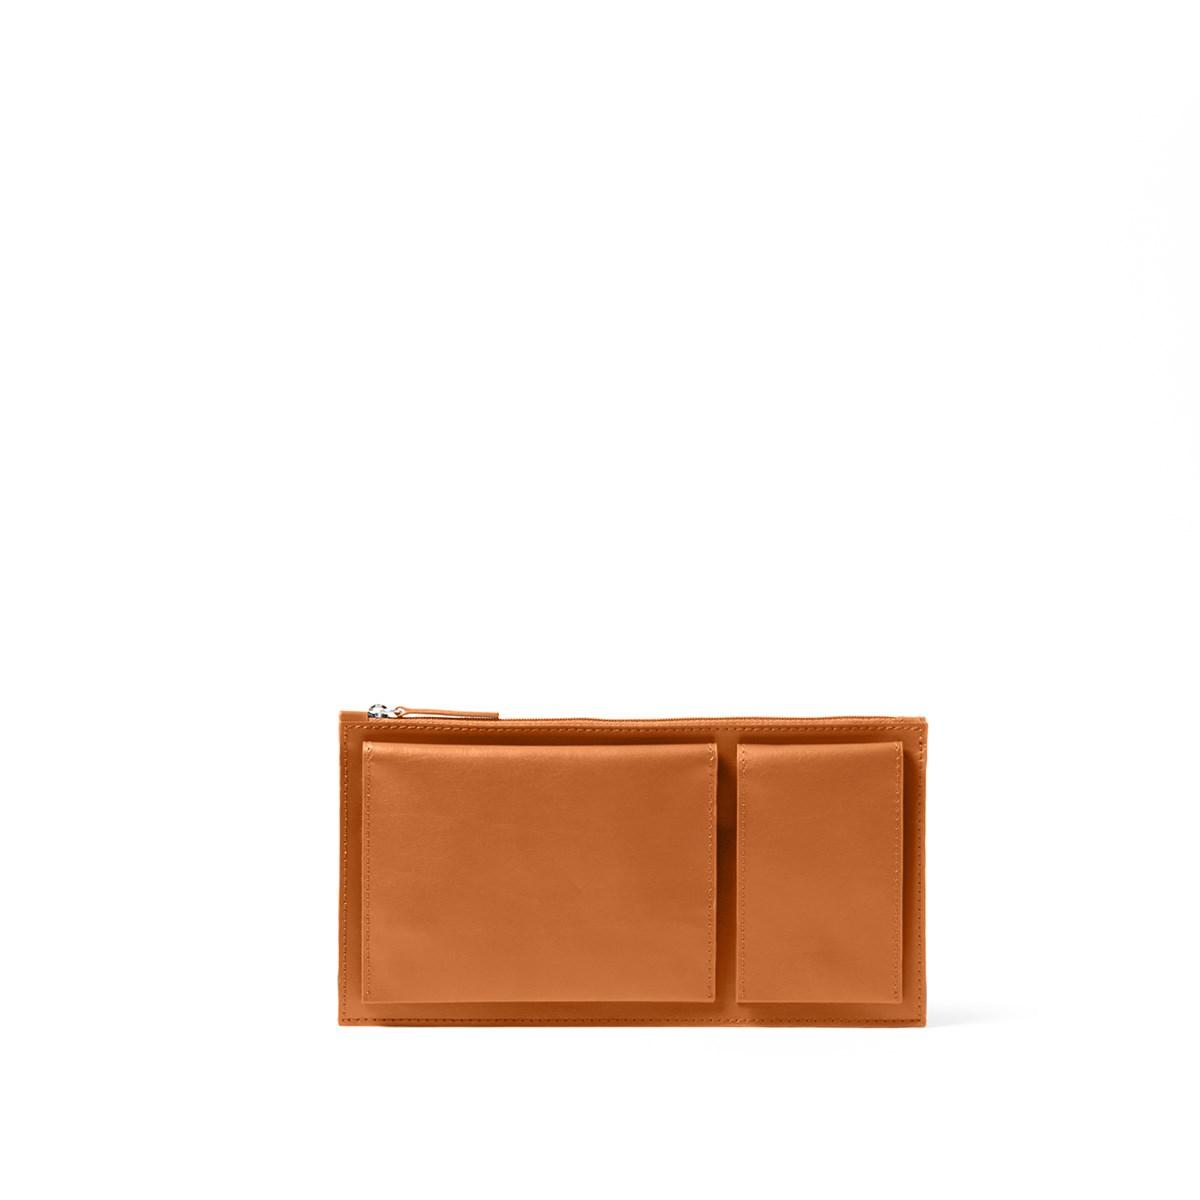 Pochette de voyage multi-poches en cuir marron